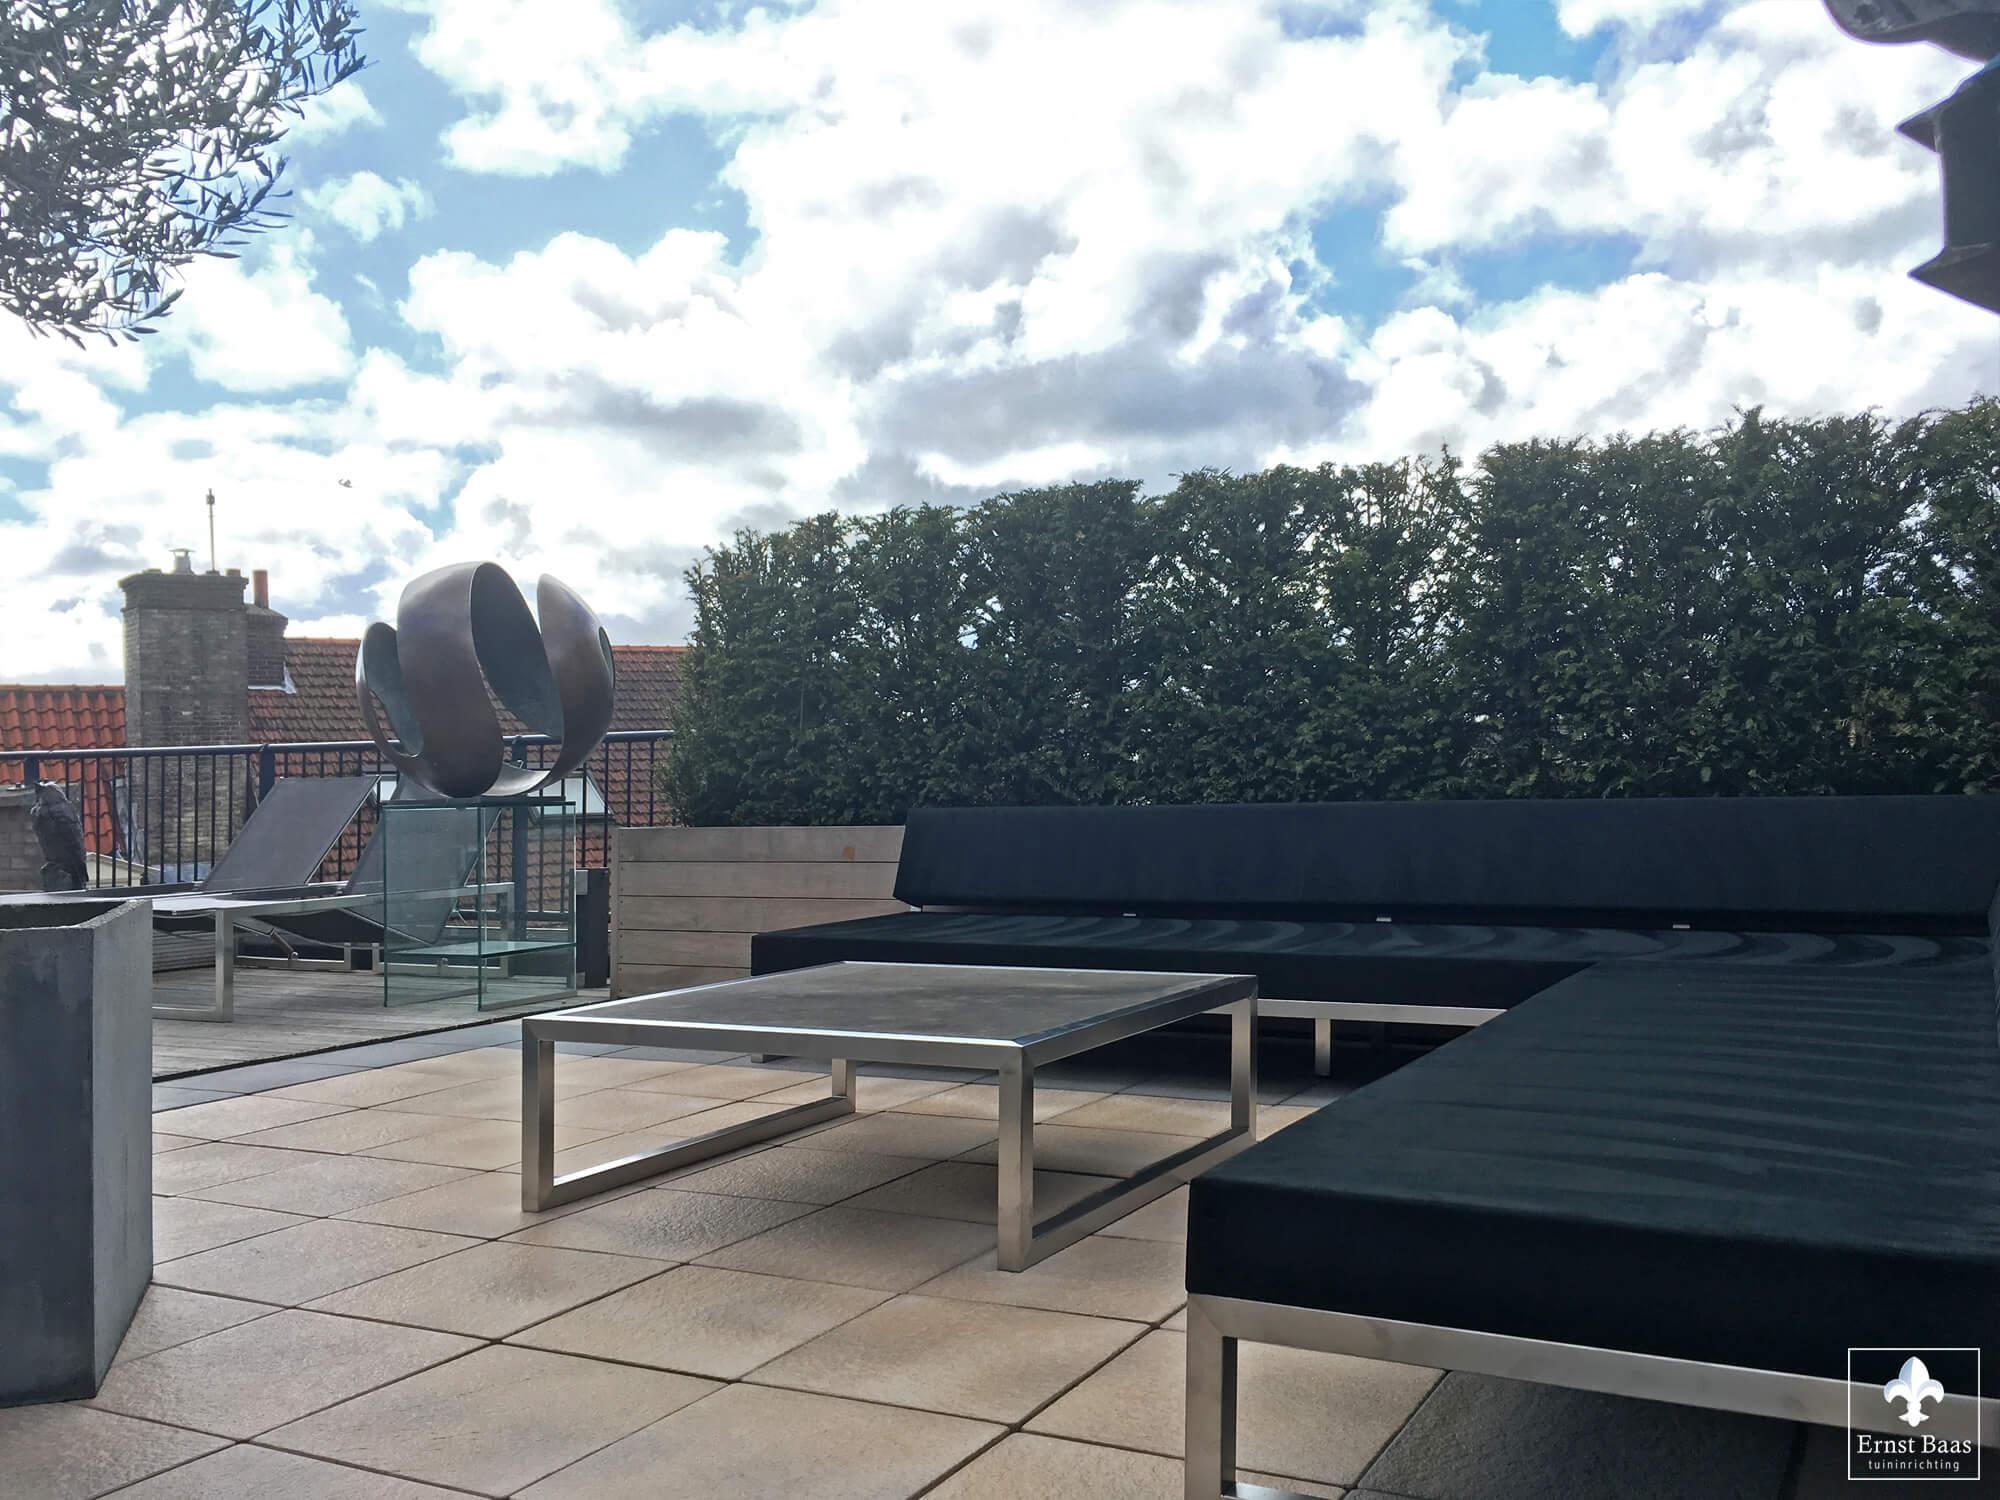 Luxe tuin tuin outdoor diepe zitplaatsen lounge teak tuinmeubilair